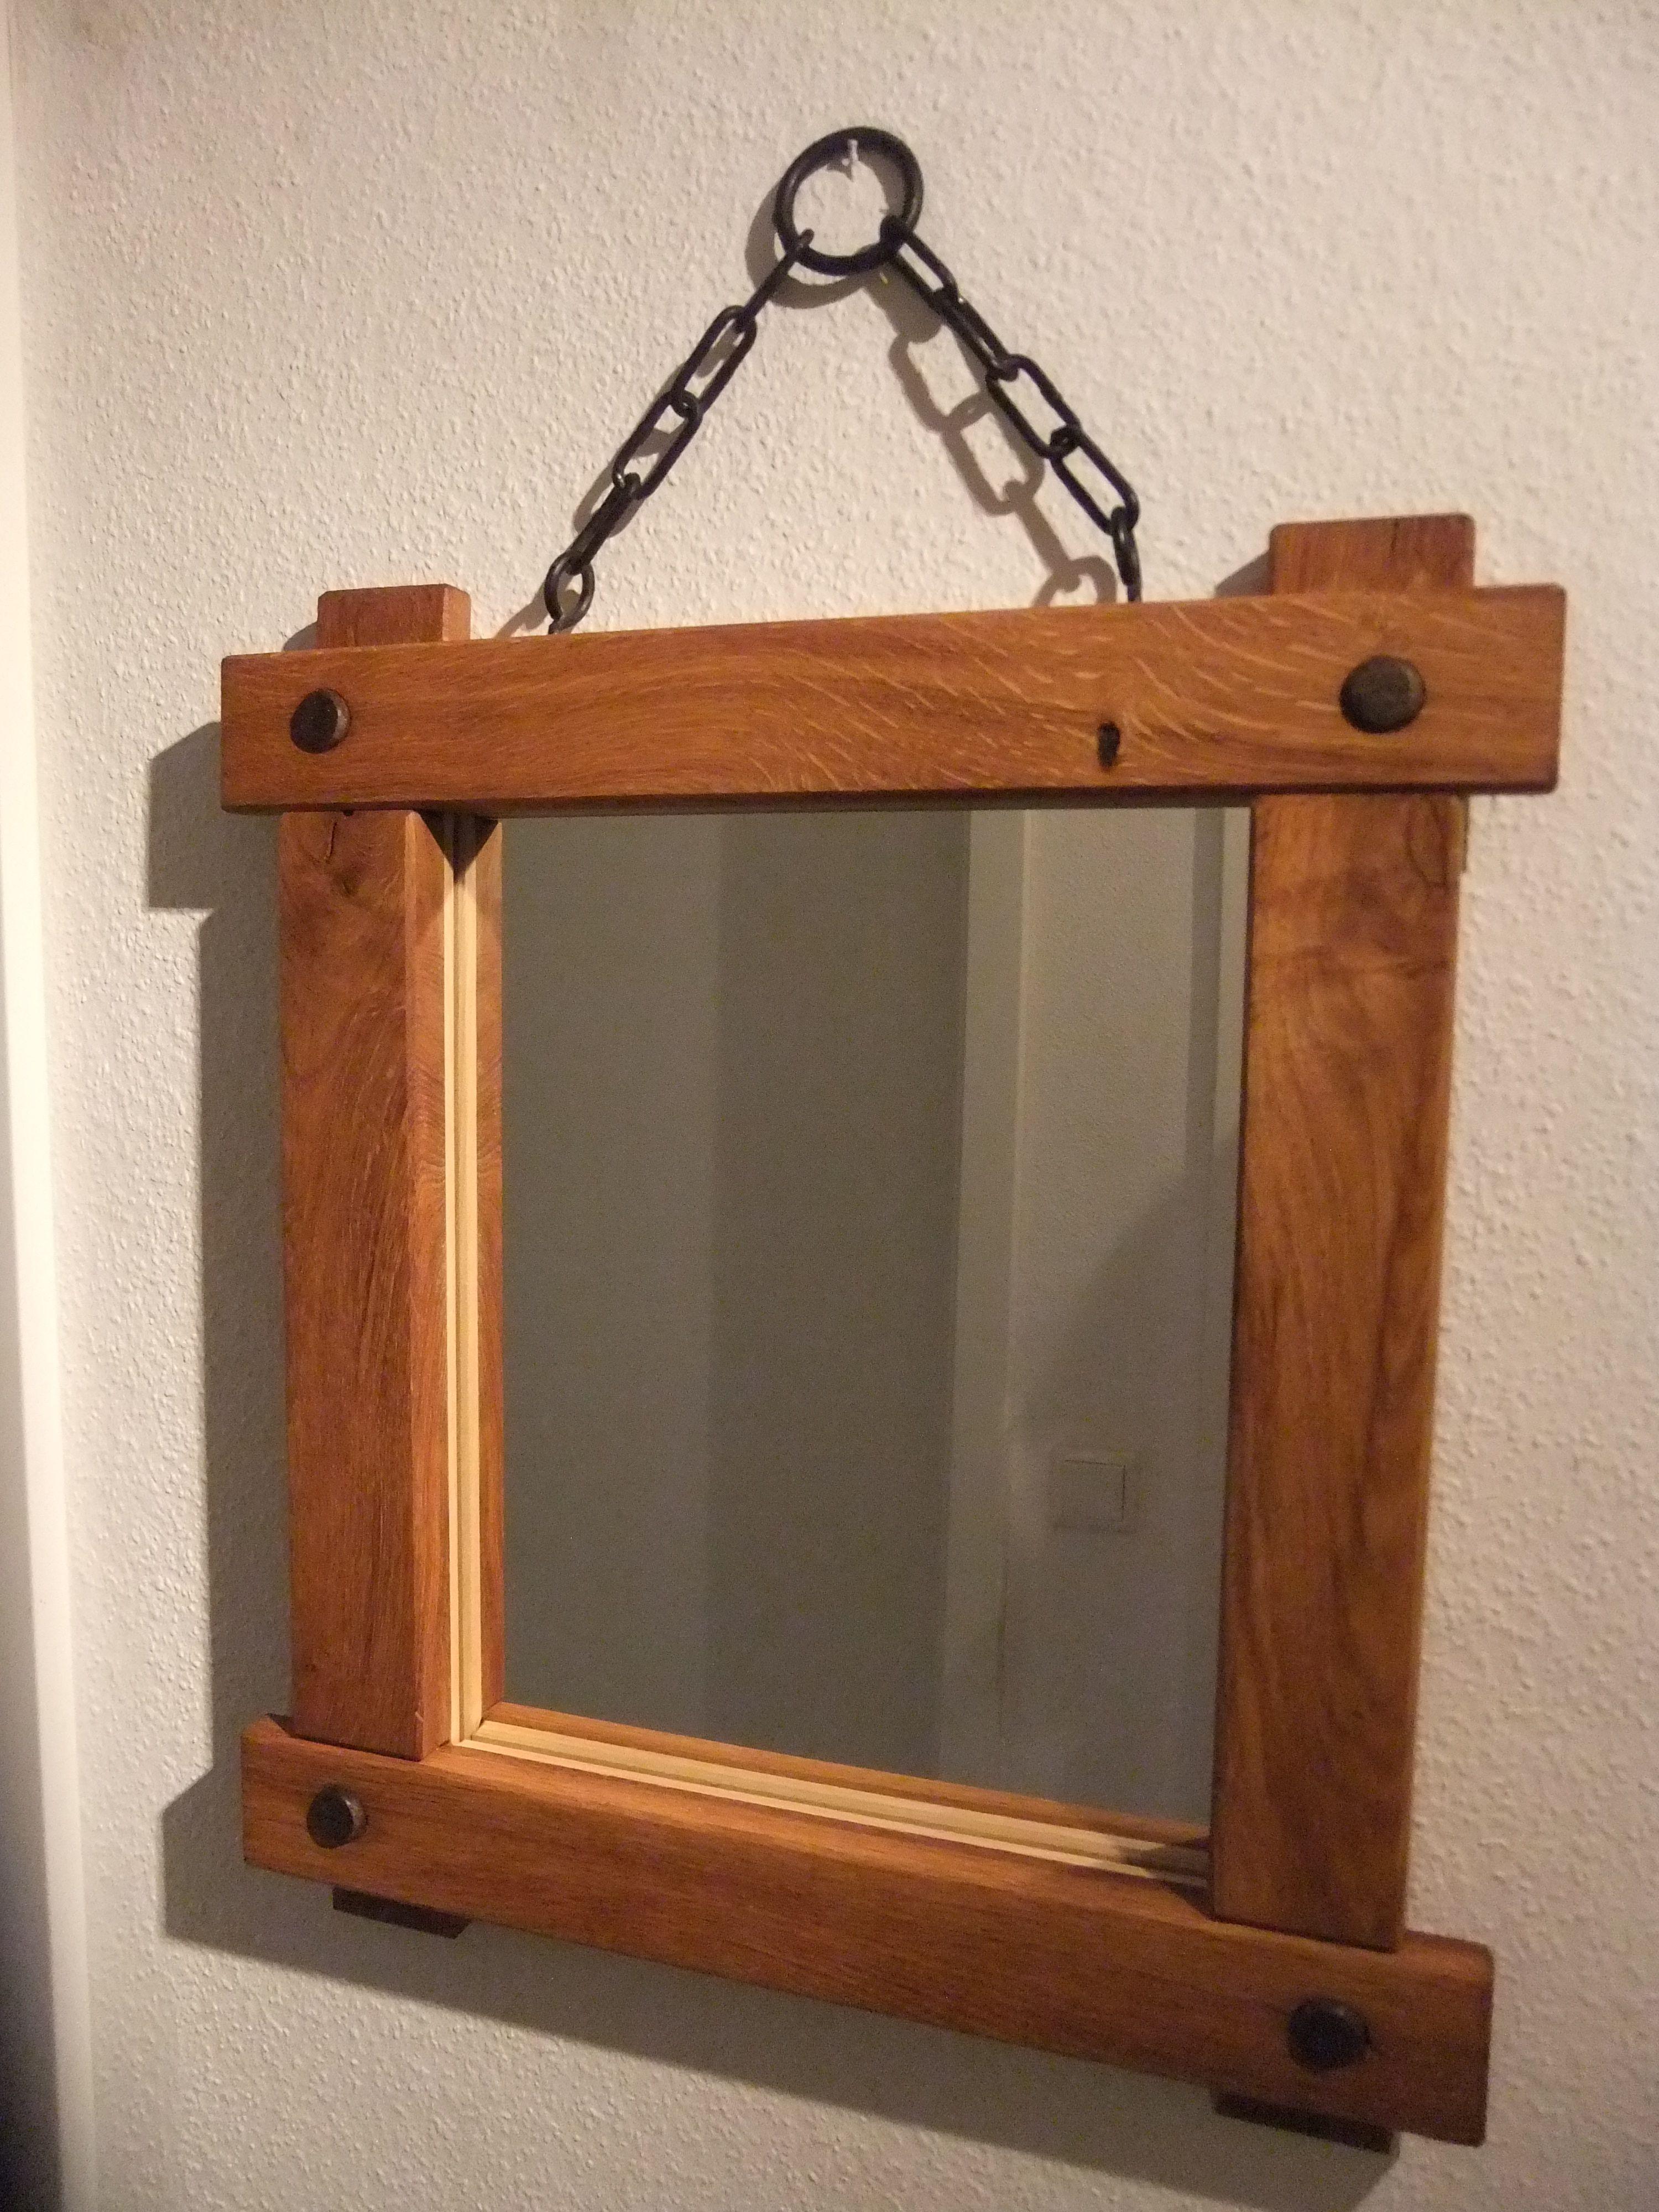 Spiegel Eiche 50x43 Cm Dieser Schone Schwere Spiegel Aus Massiver